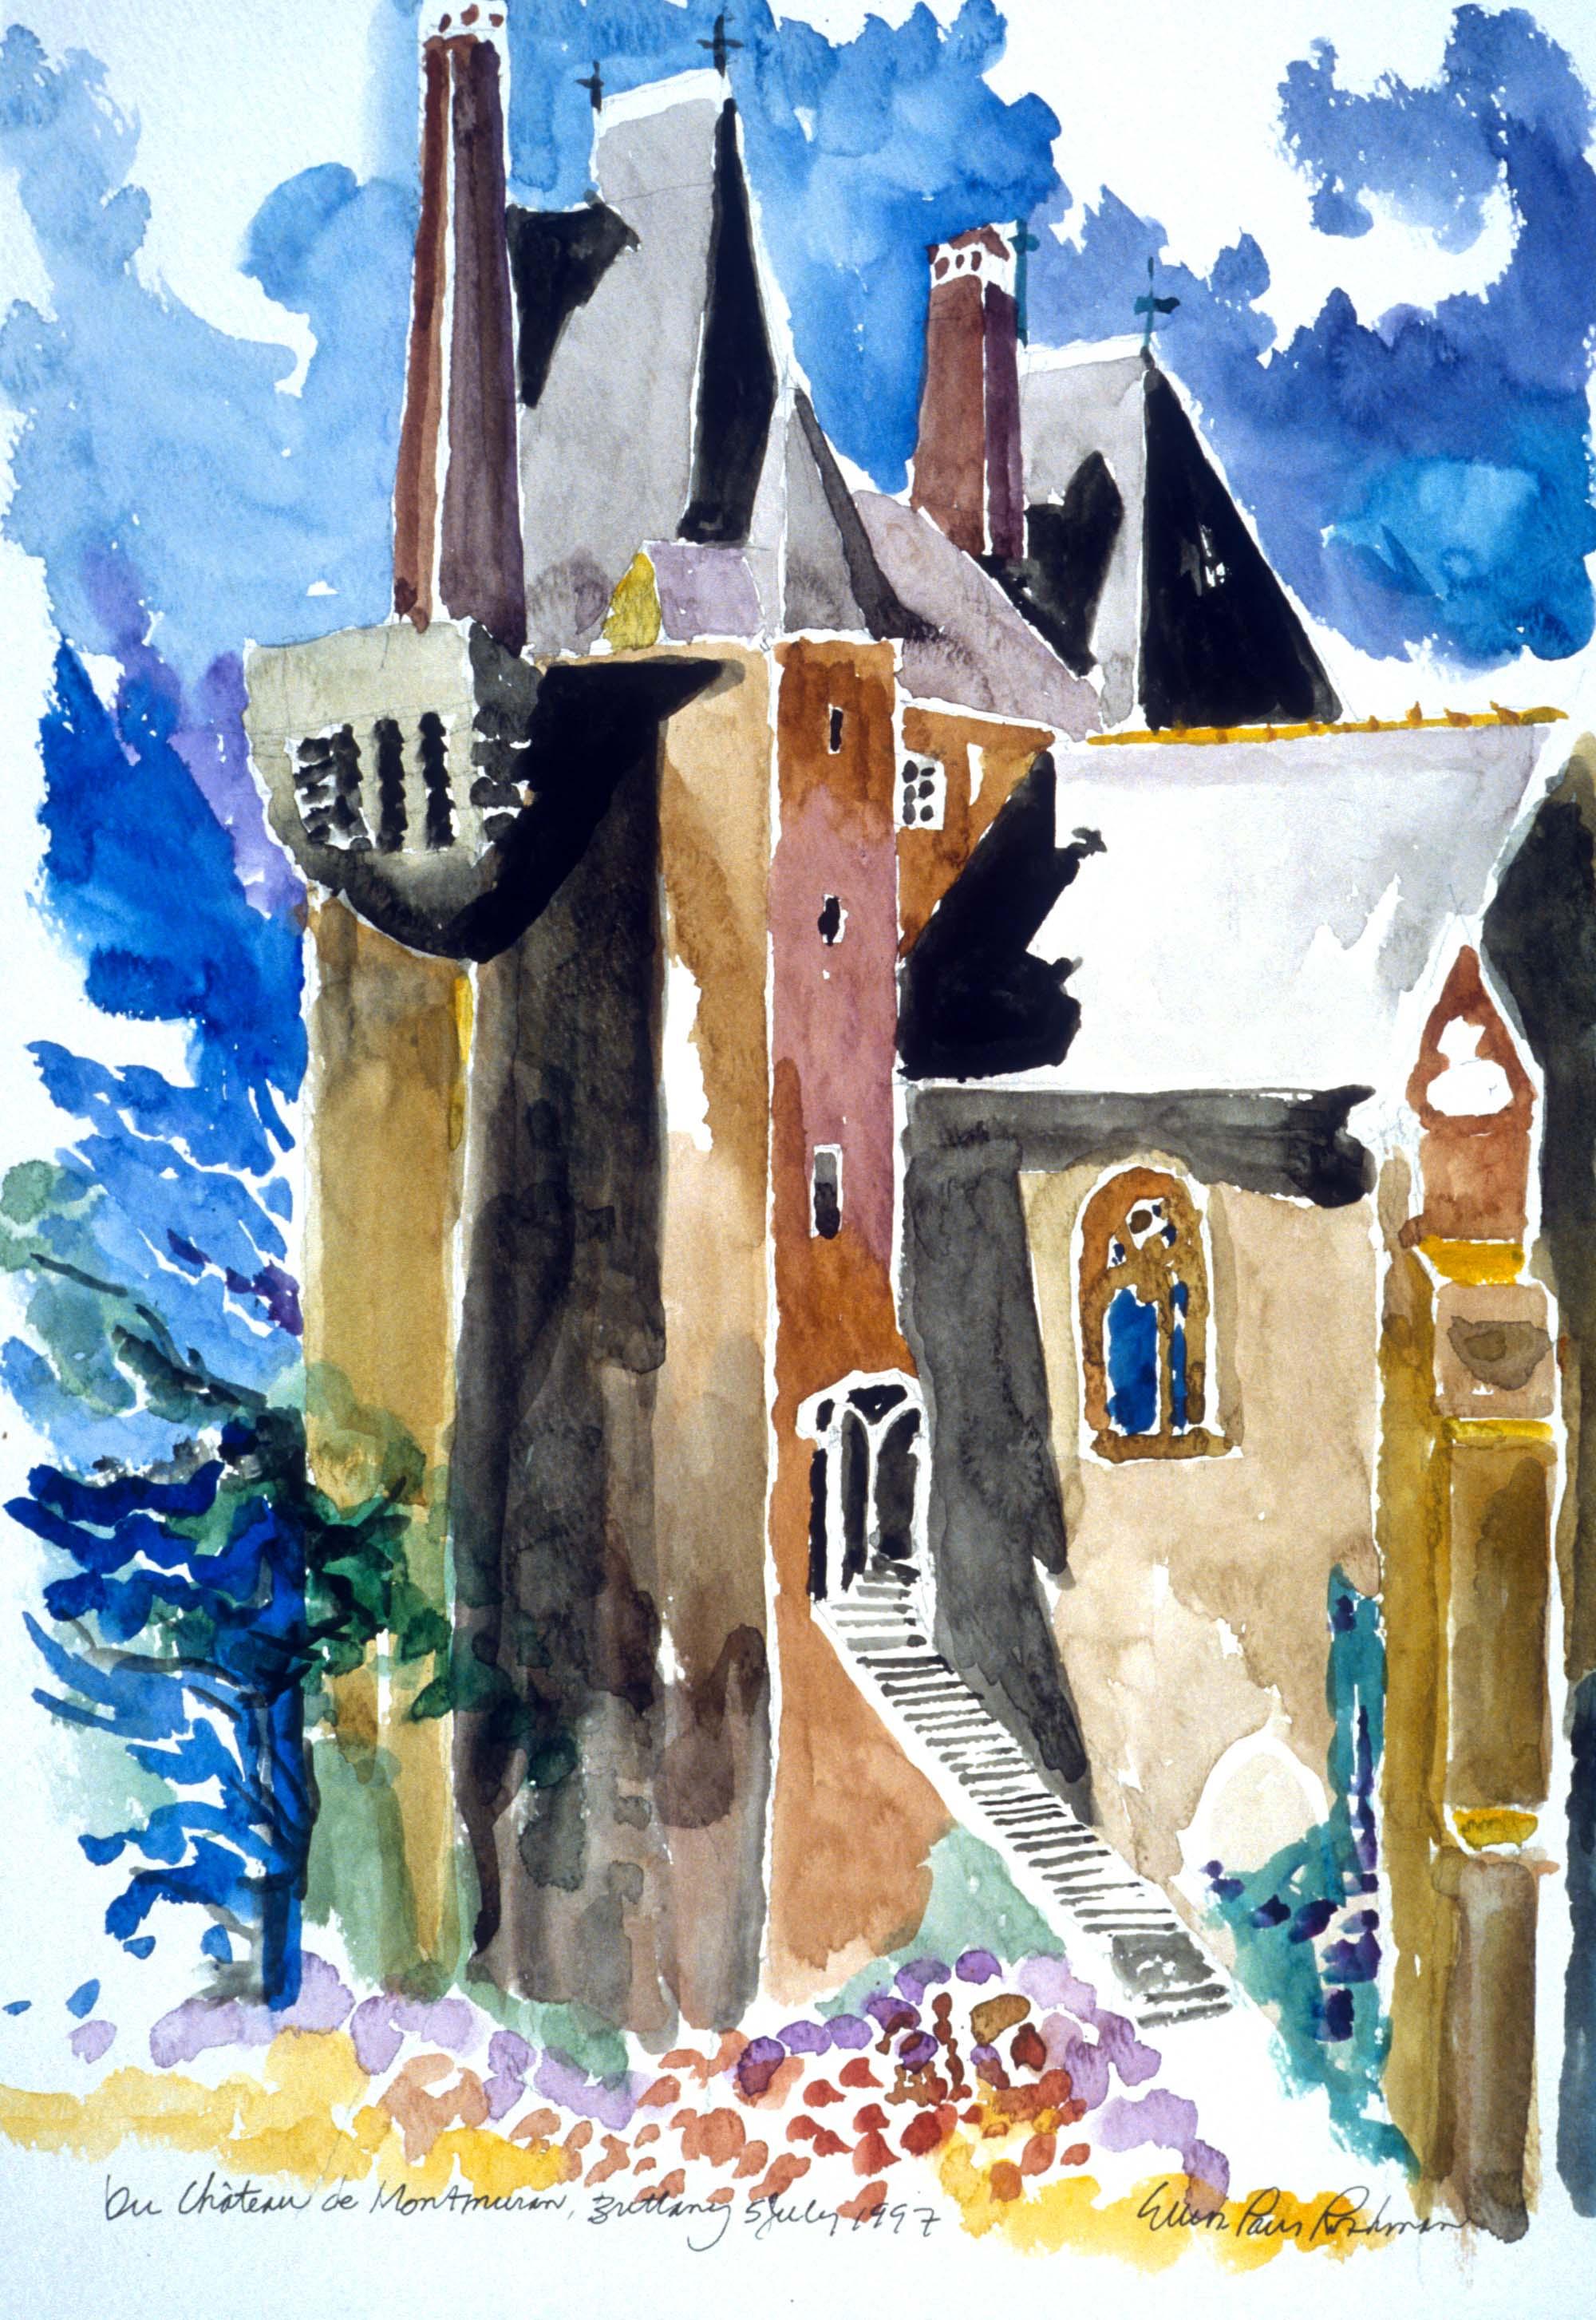 Le Chateau de Montmuran Brittany